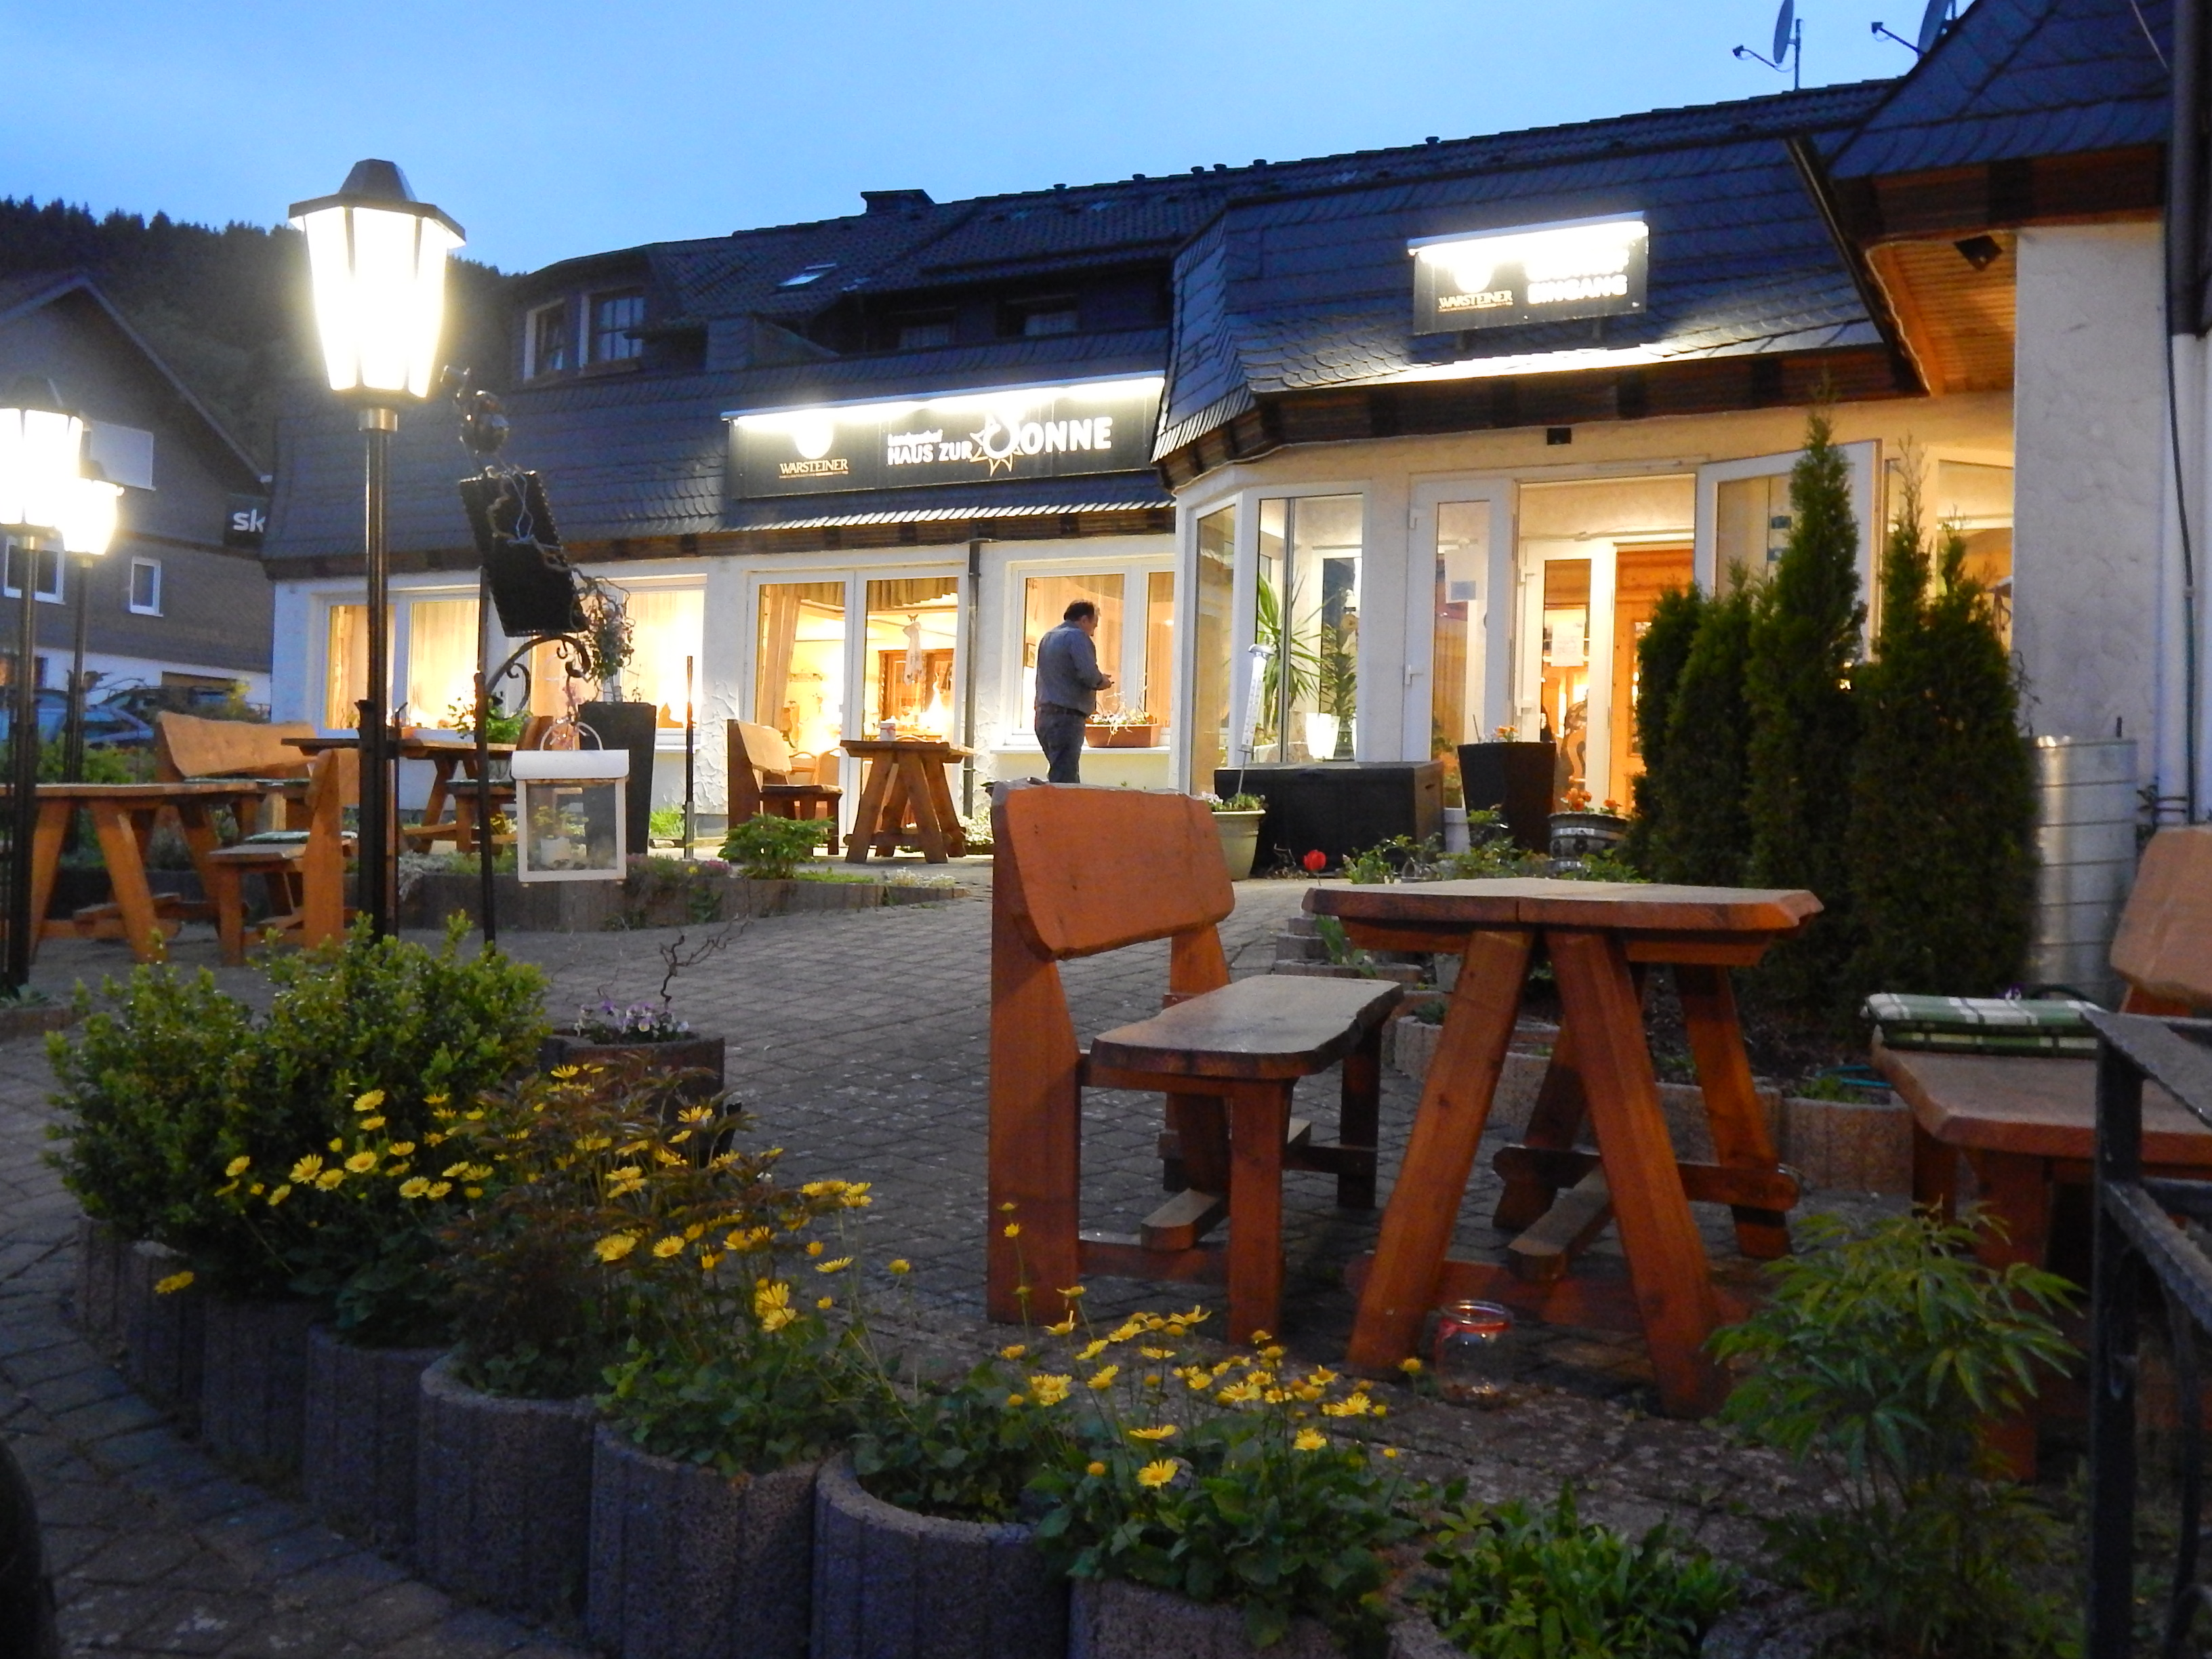 Sauerland Tour Das Haus zur Sonne Bikes Music & More